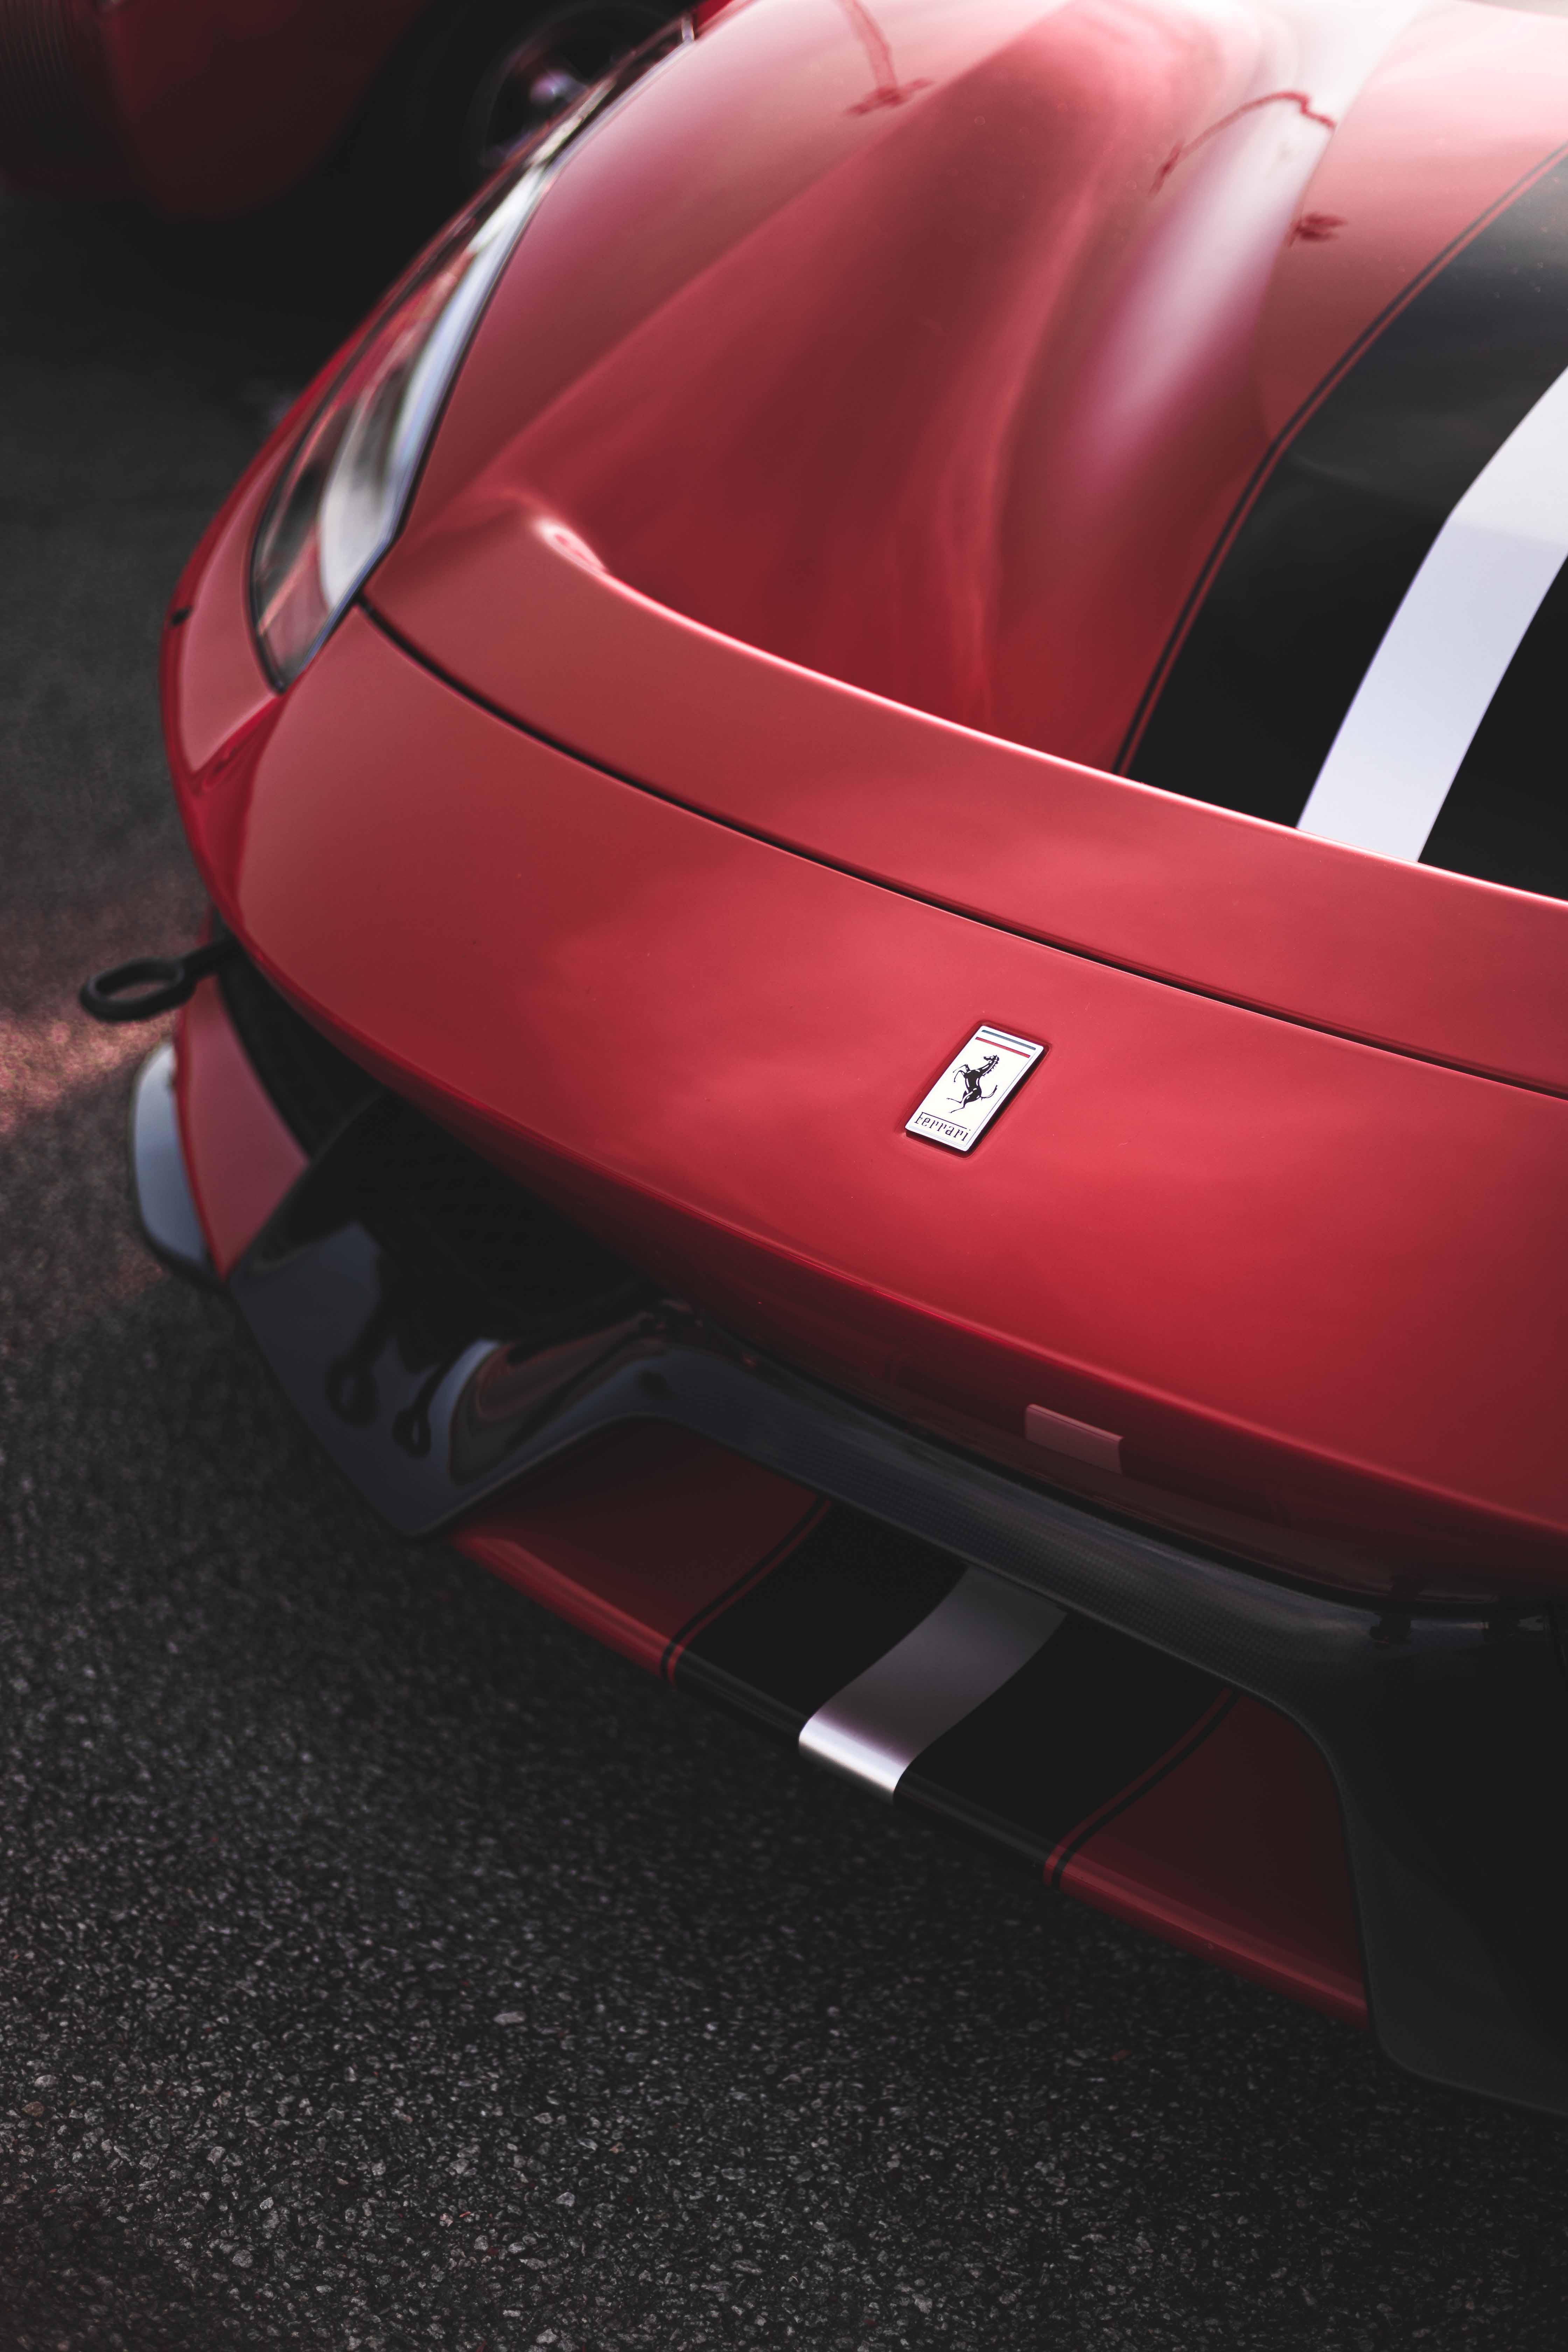 Red Ferrari 488